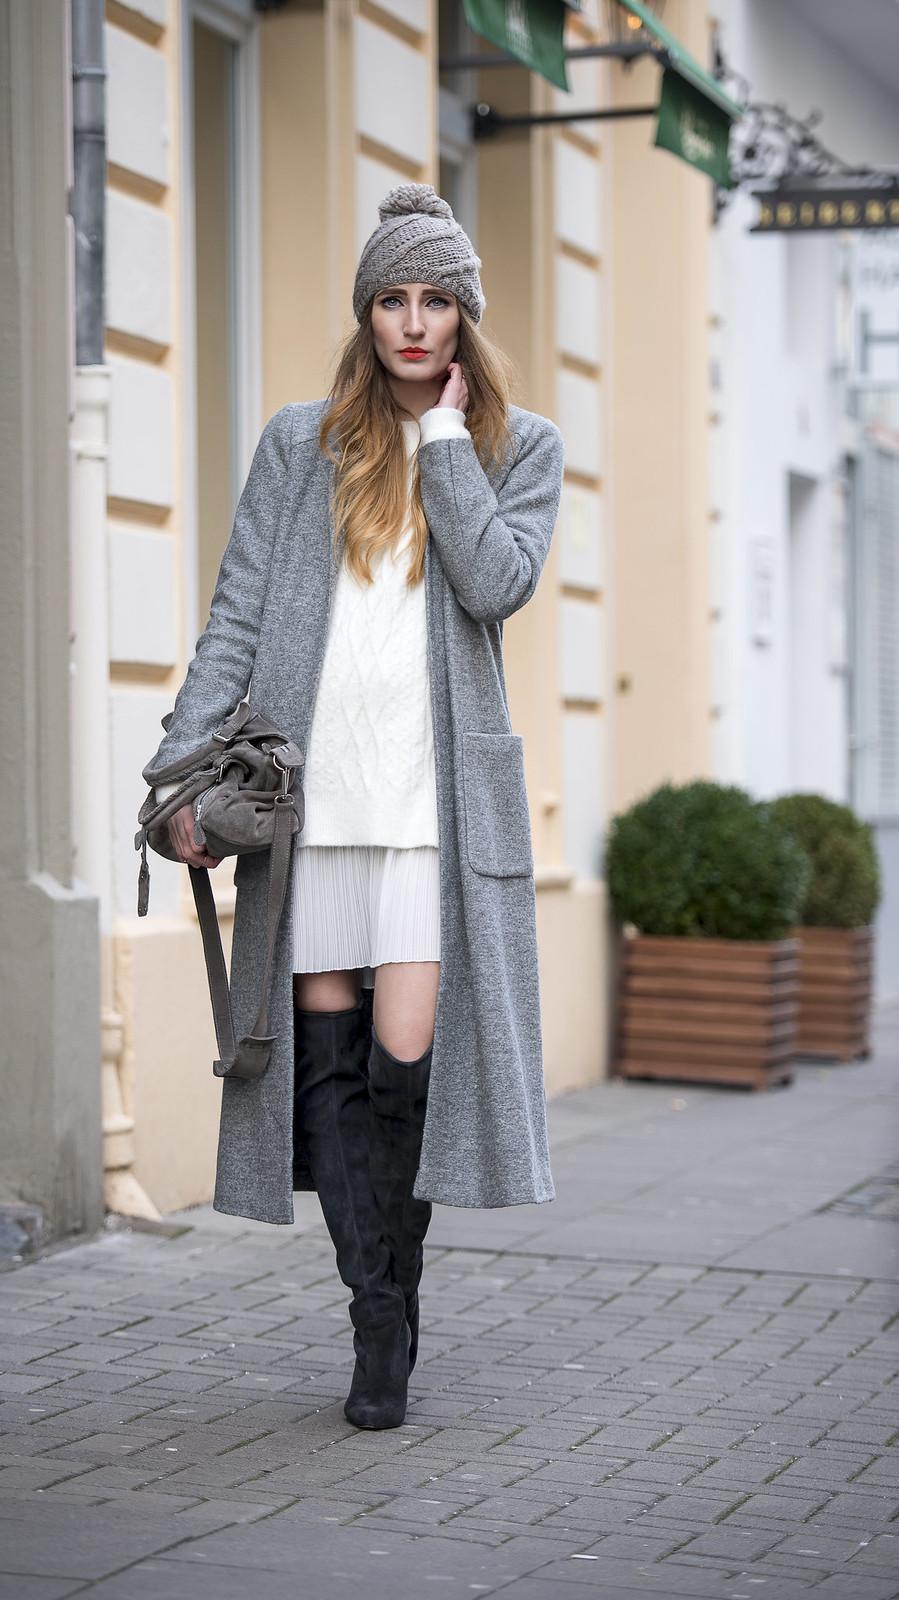 Lisa / The L Fashion